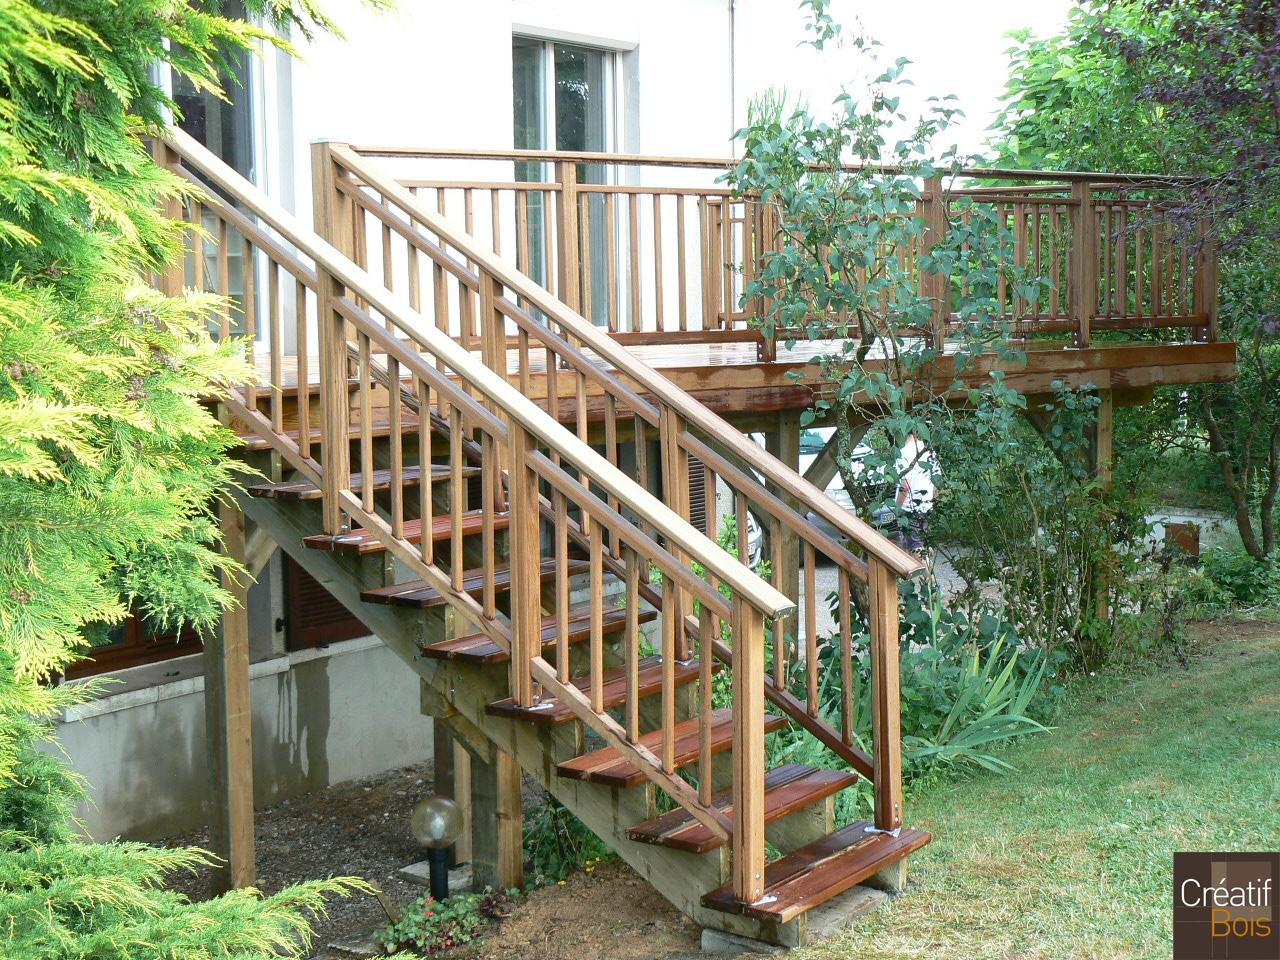 escalier bois en hauteur journiac haute vienne 87 escaliers ext rieur galerie cr atif. Black Bedroom Furniture Sets. Home Design Ideas